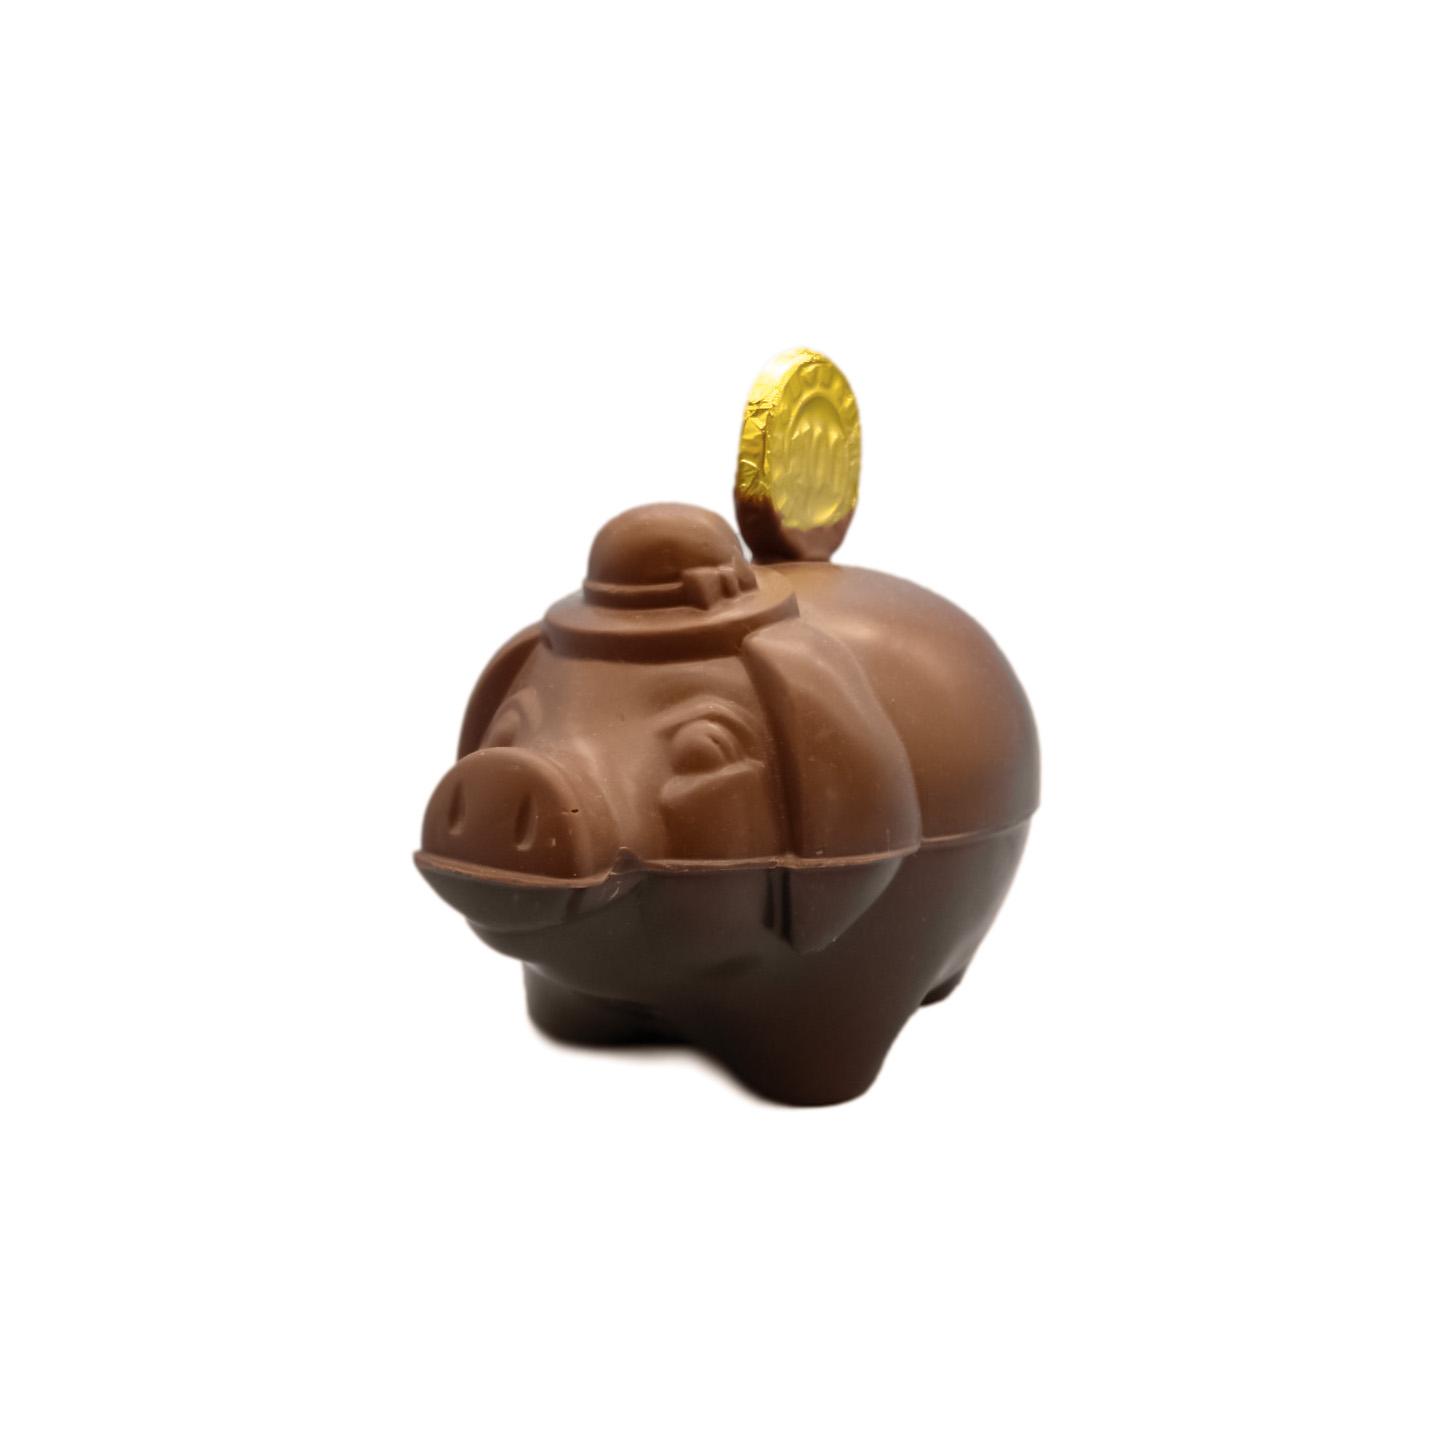 piggy bank 3